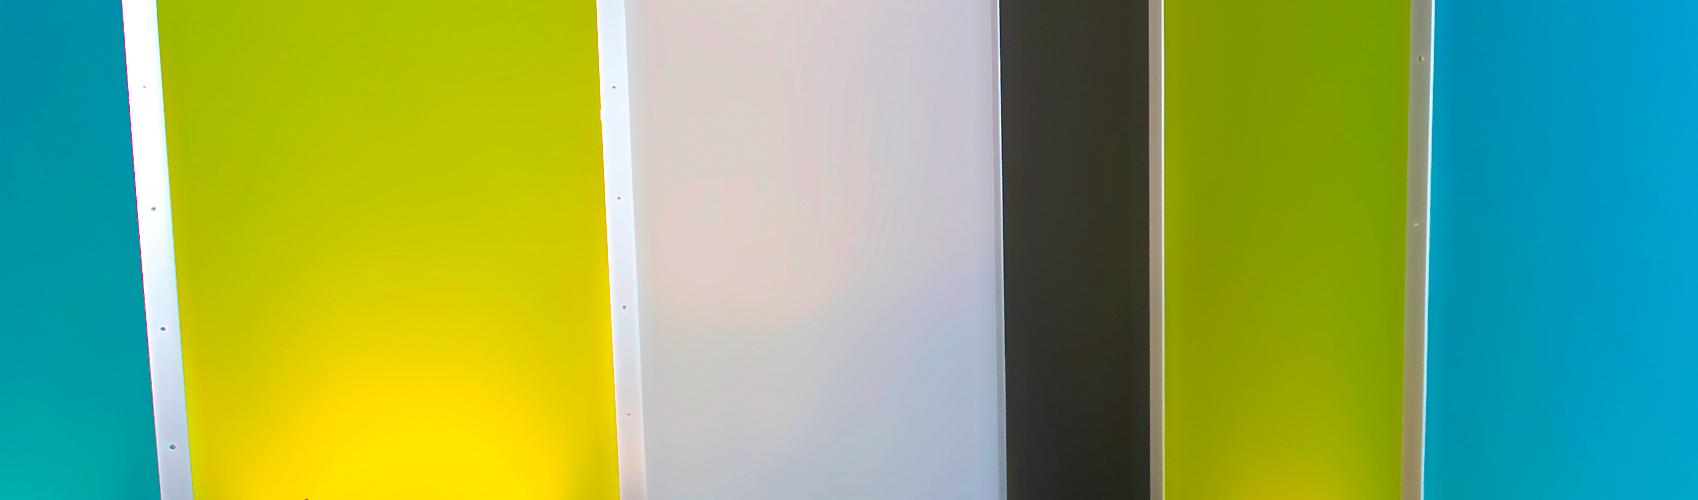 braun Kunststoffe – gartenbunt Sichtschutz-System